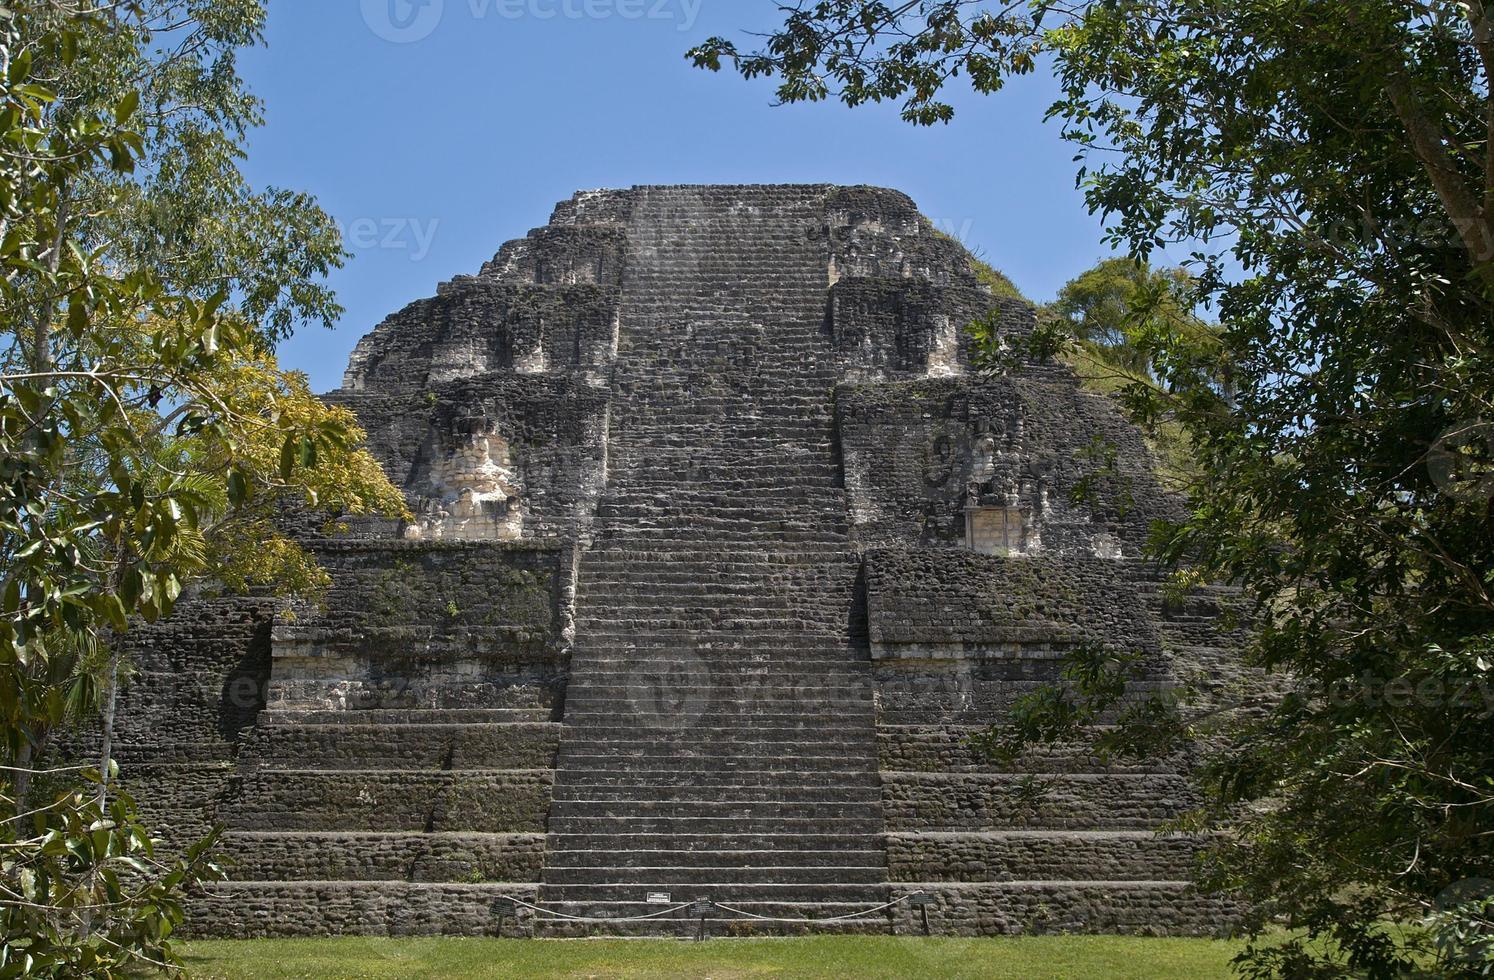 mundo perdido (förlorad värld), den äldsta delen av Tikal, Guatemala foto